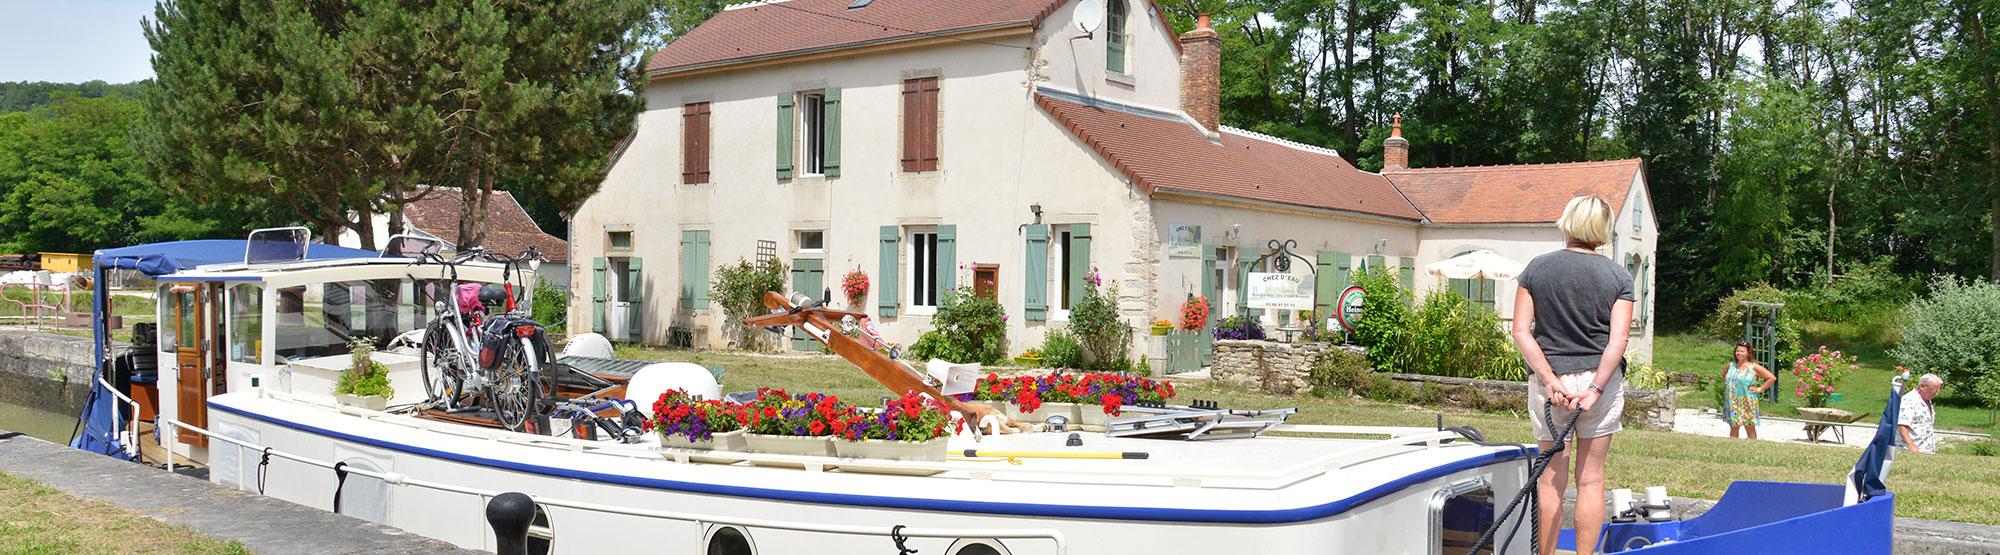 Maison d'hôtes péniche canal de Bourgogne